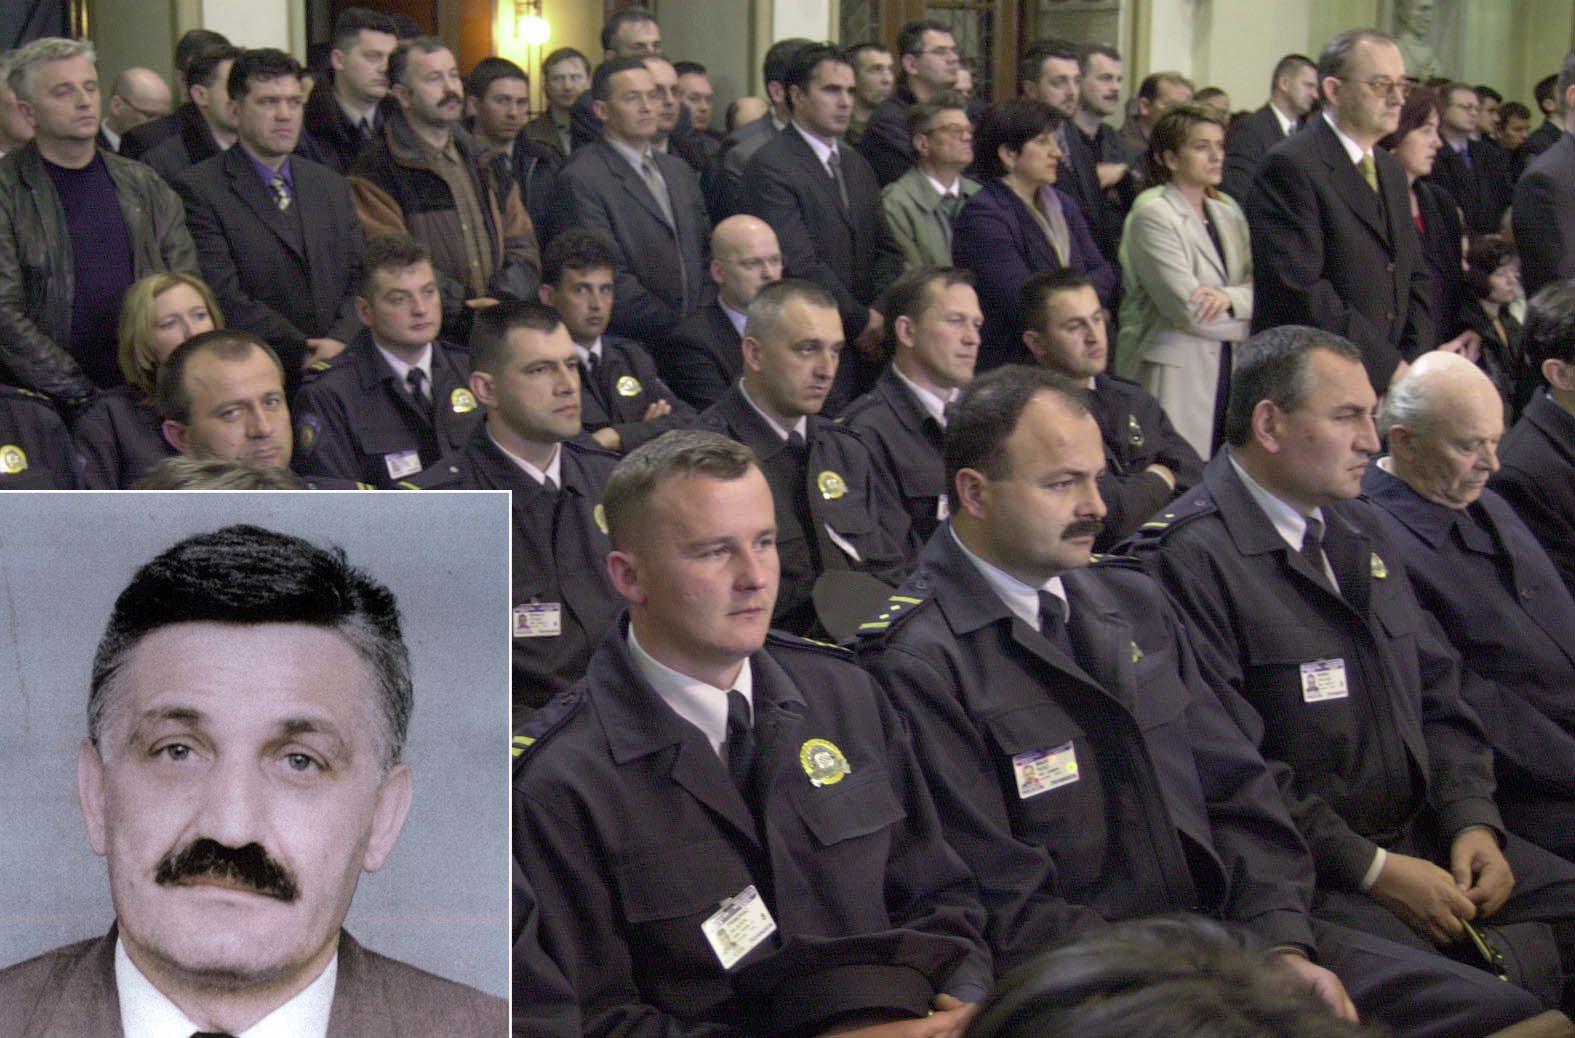 Misa za pokojnog Jozu Leutara 2001. (pozadina); Jozo Leutar